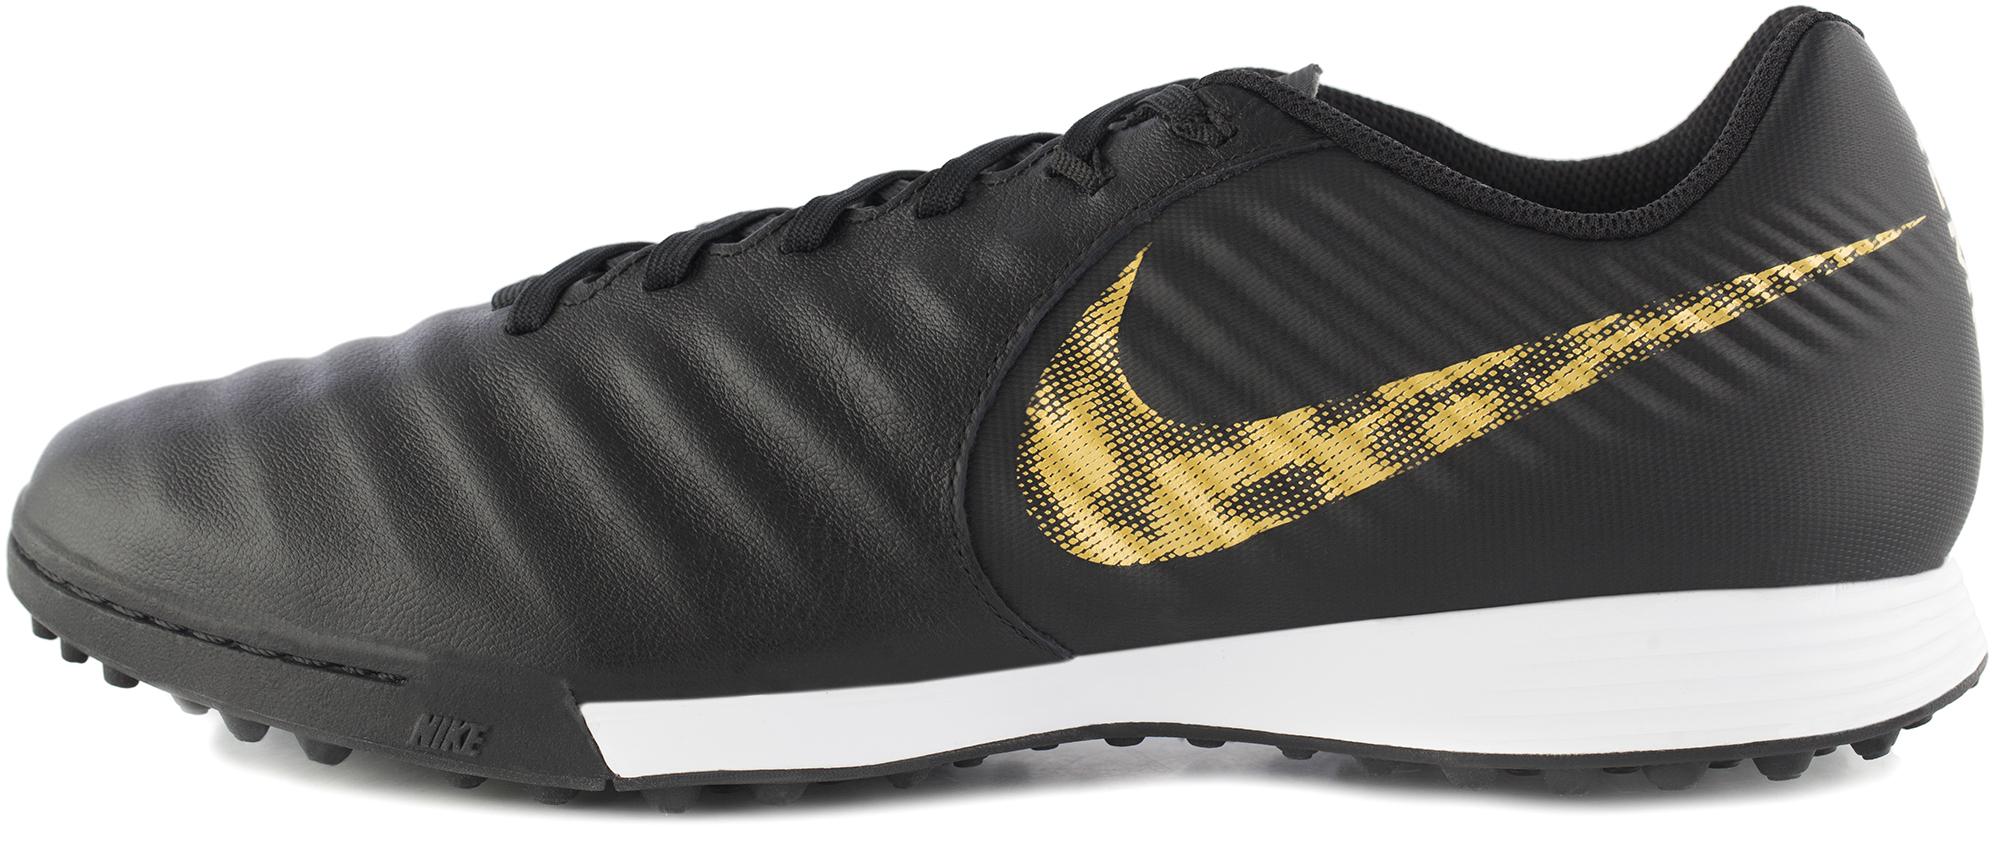 Nike Бутсы мужские Nike Legend 7 Academy TF, размер 45